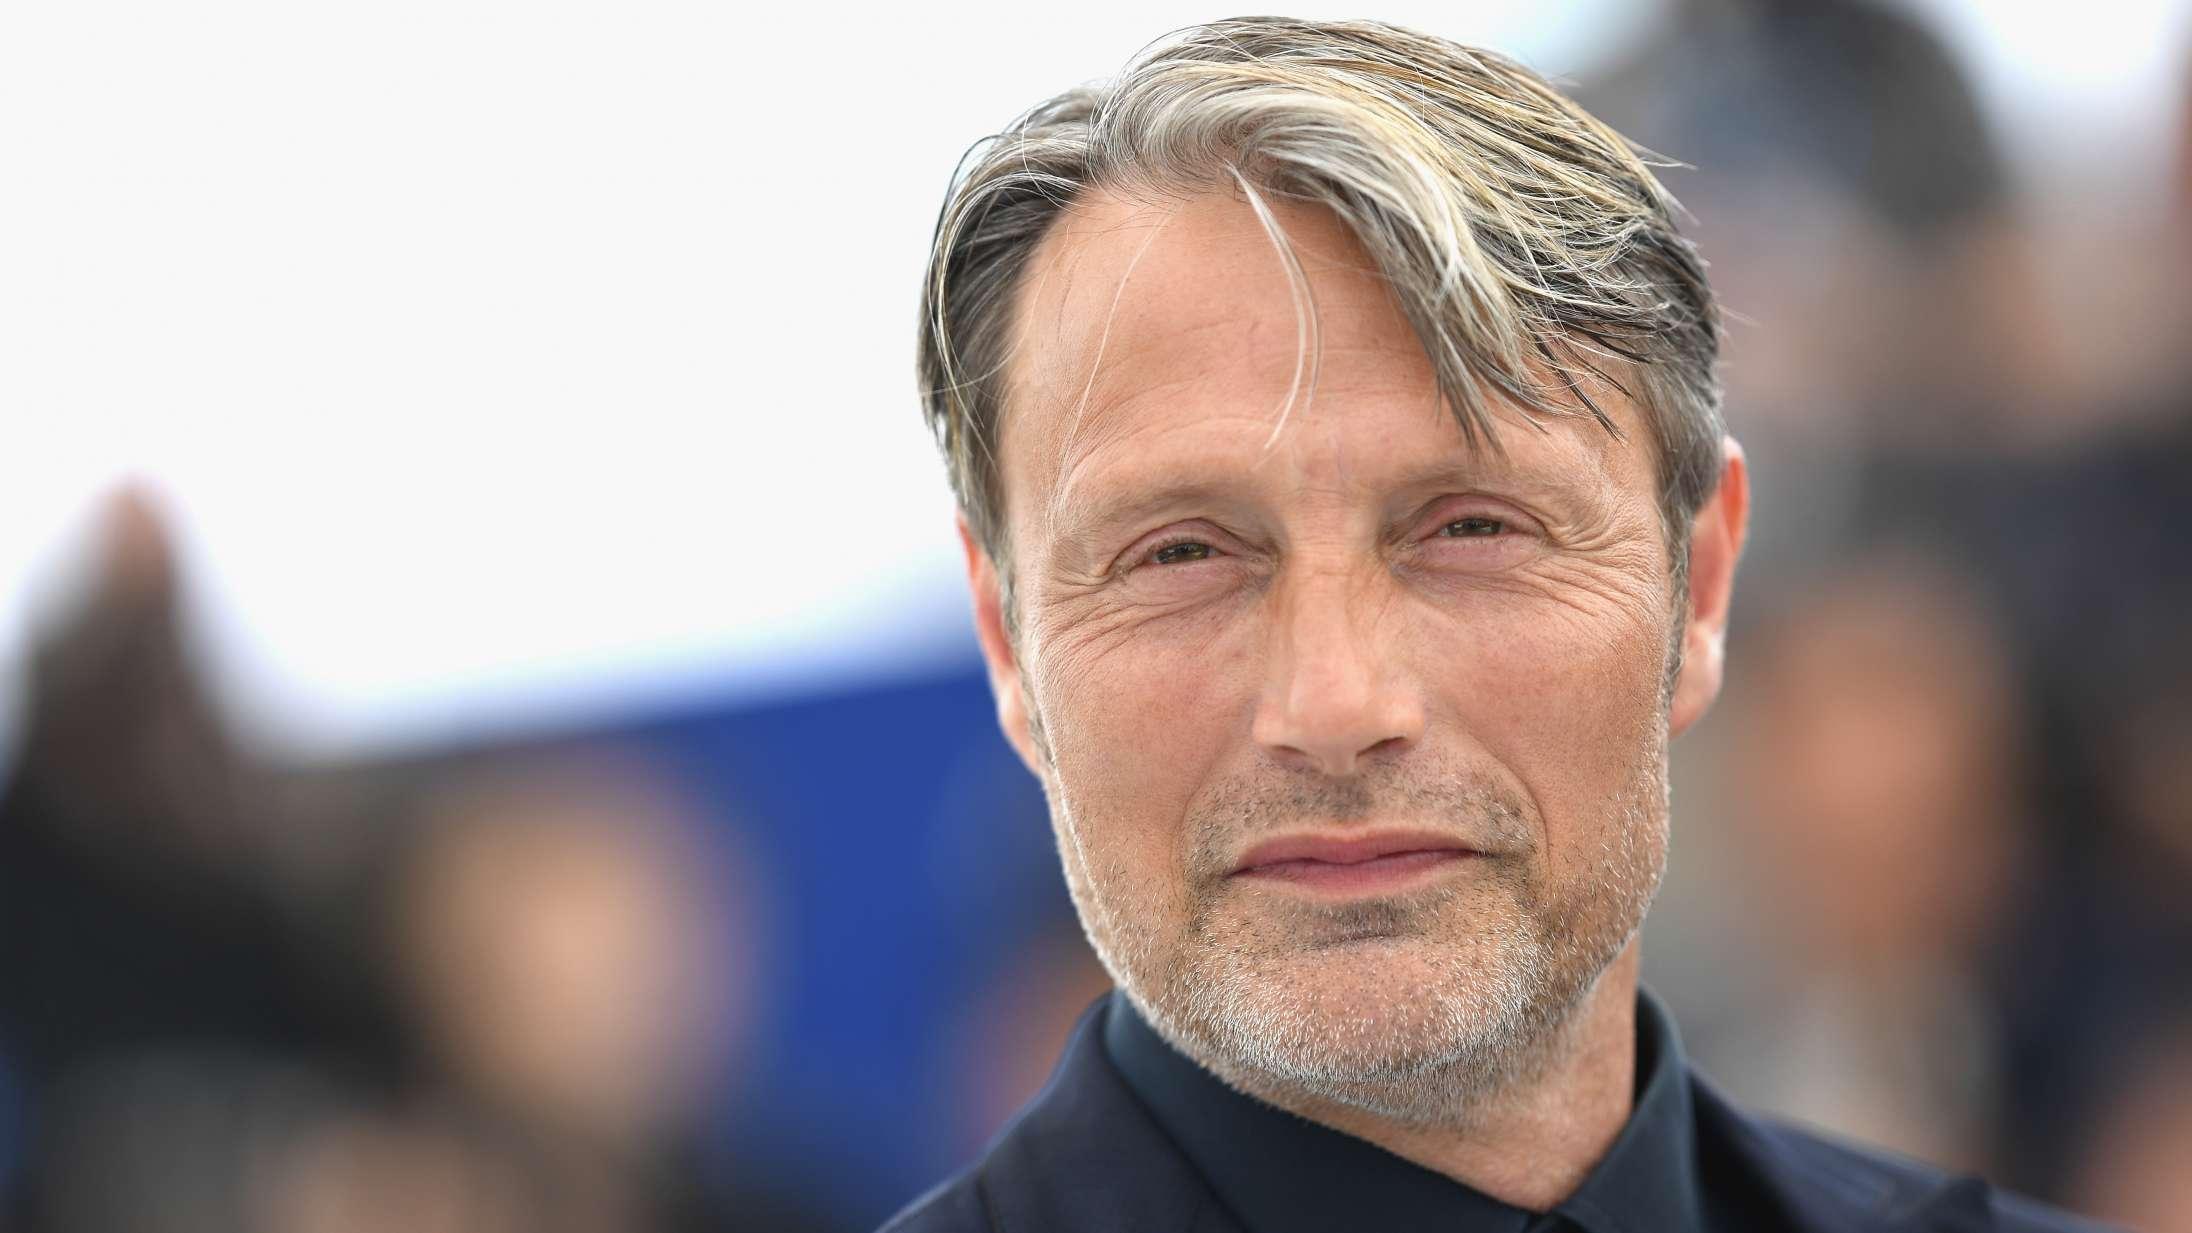 Mads Mikkelsen udtaler sig for første gang om at overtage Johnny Depps rolle i 'Fantastiske skabninger 3'